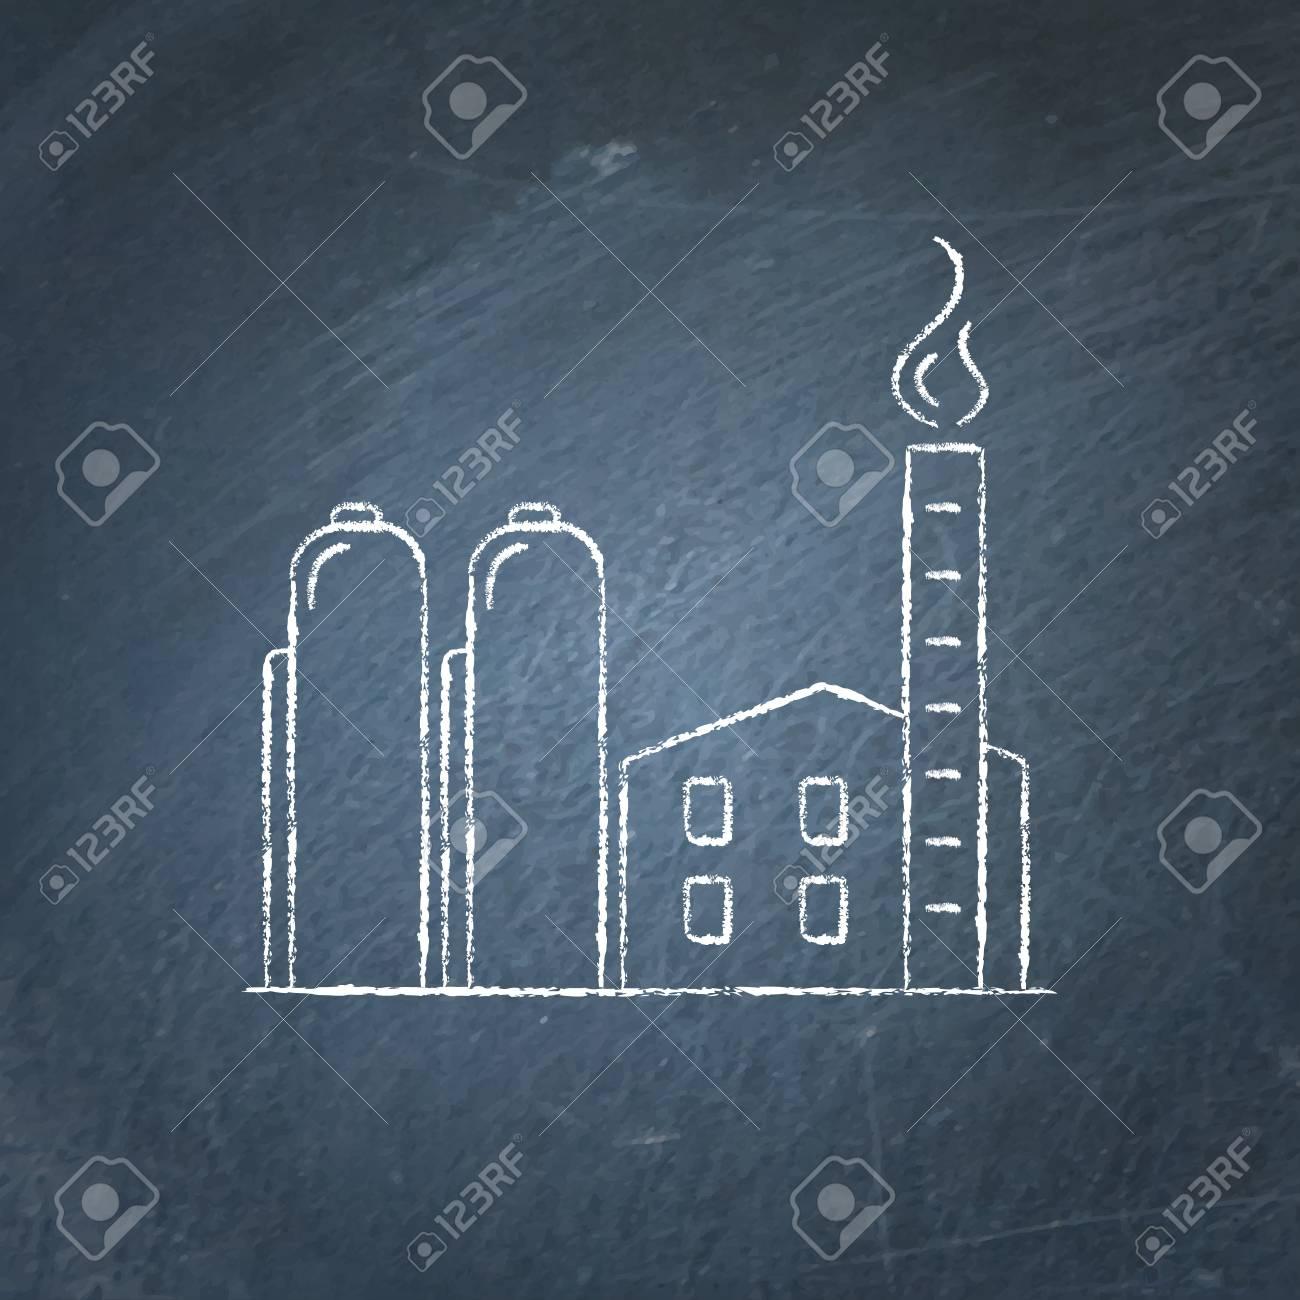 Croquis D Icône Plante Gaz Naturel Sur Tableau Noir Concept Industriel D énergie Non Renouvelable Symbole De L énergie Fossile Craie Dessin Sur